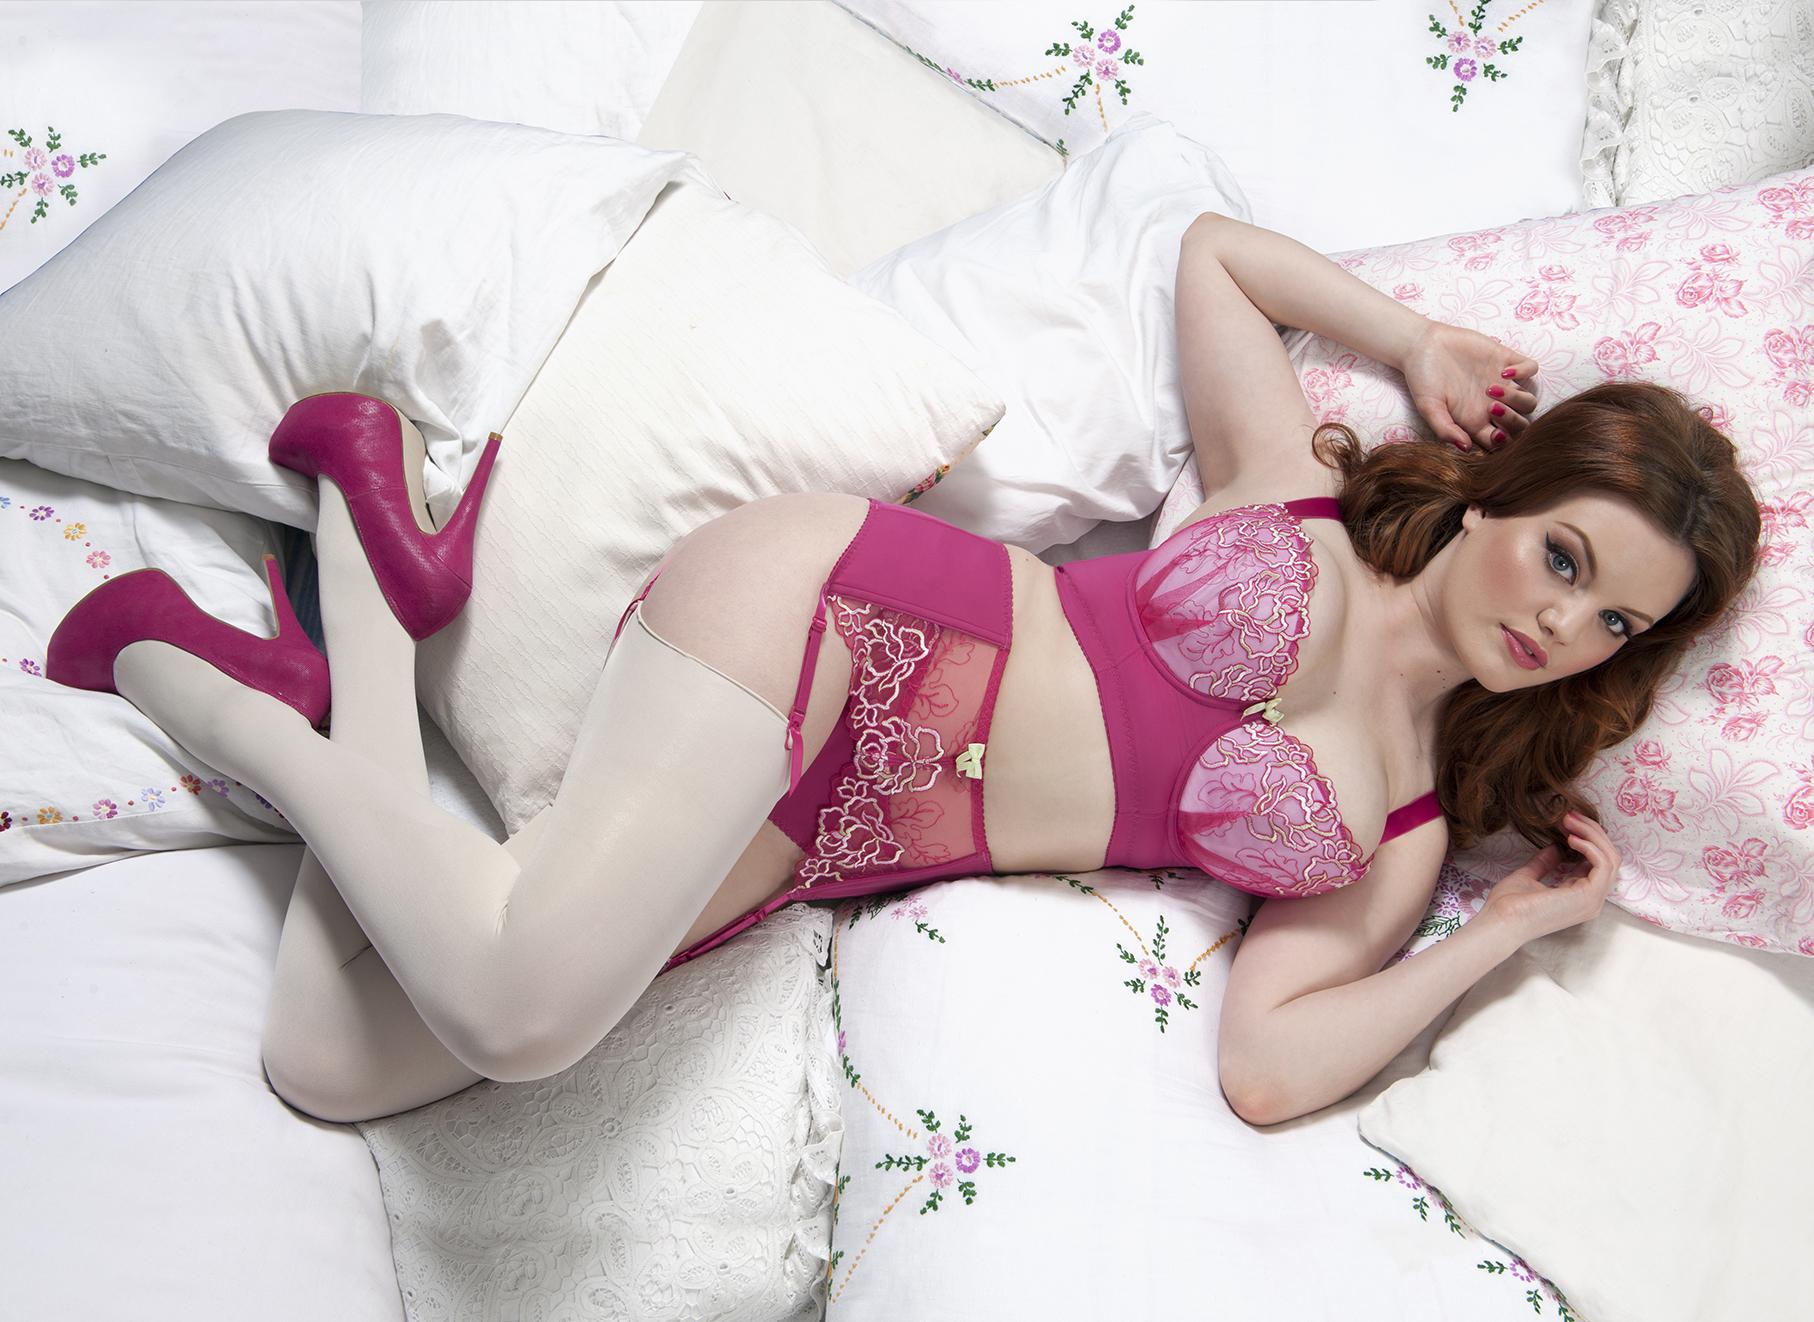 Curvy Kate Carmen